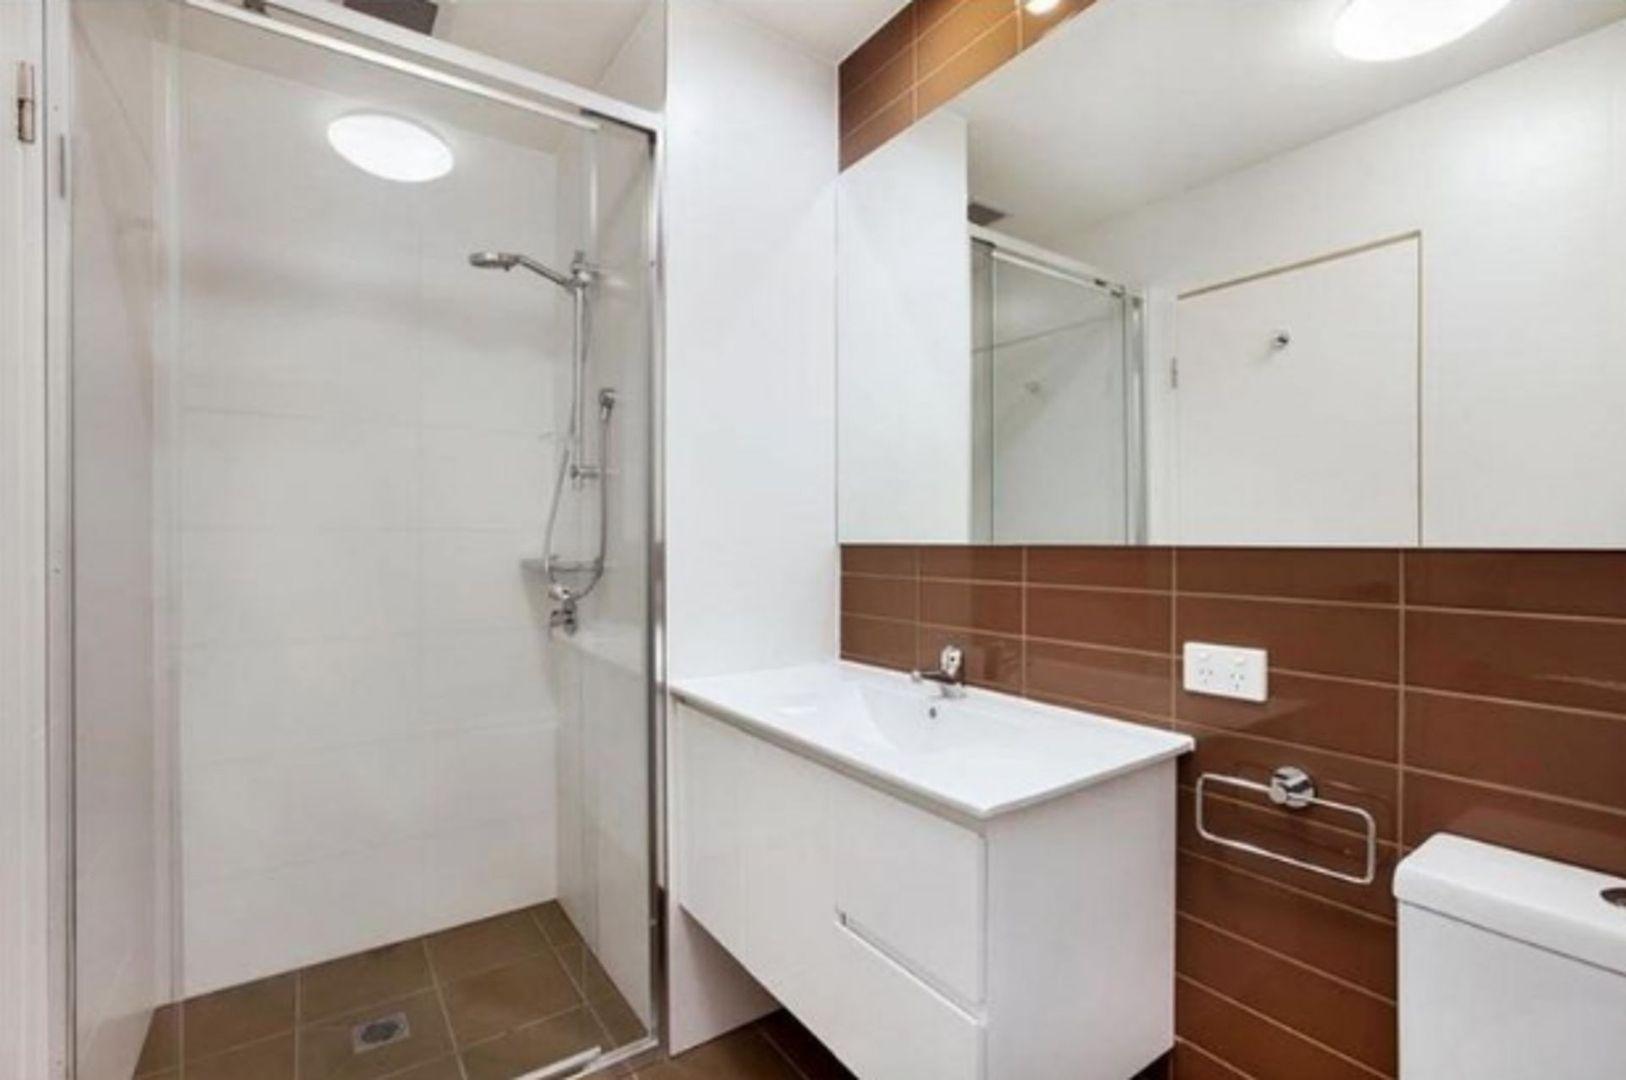 306/52 Charlotte St, Campsie NSW 2194, Image 2